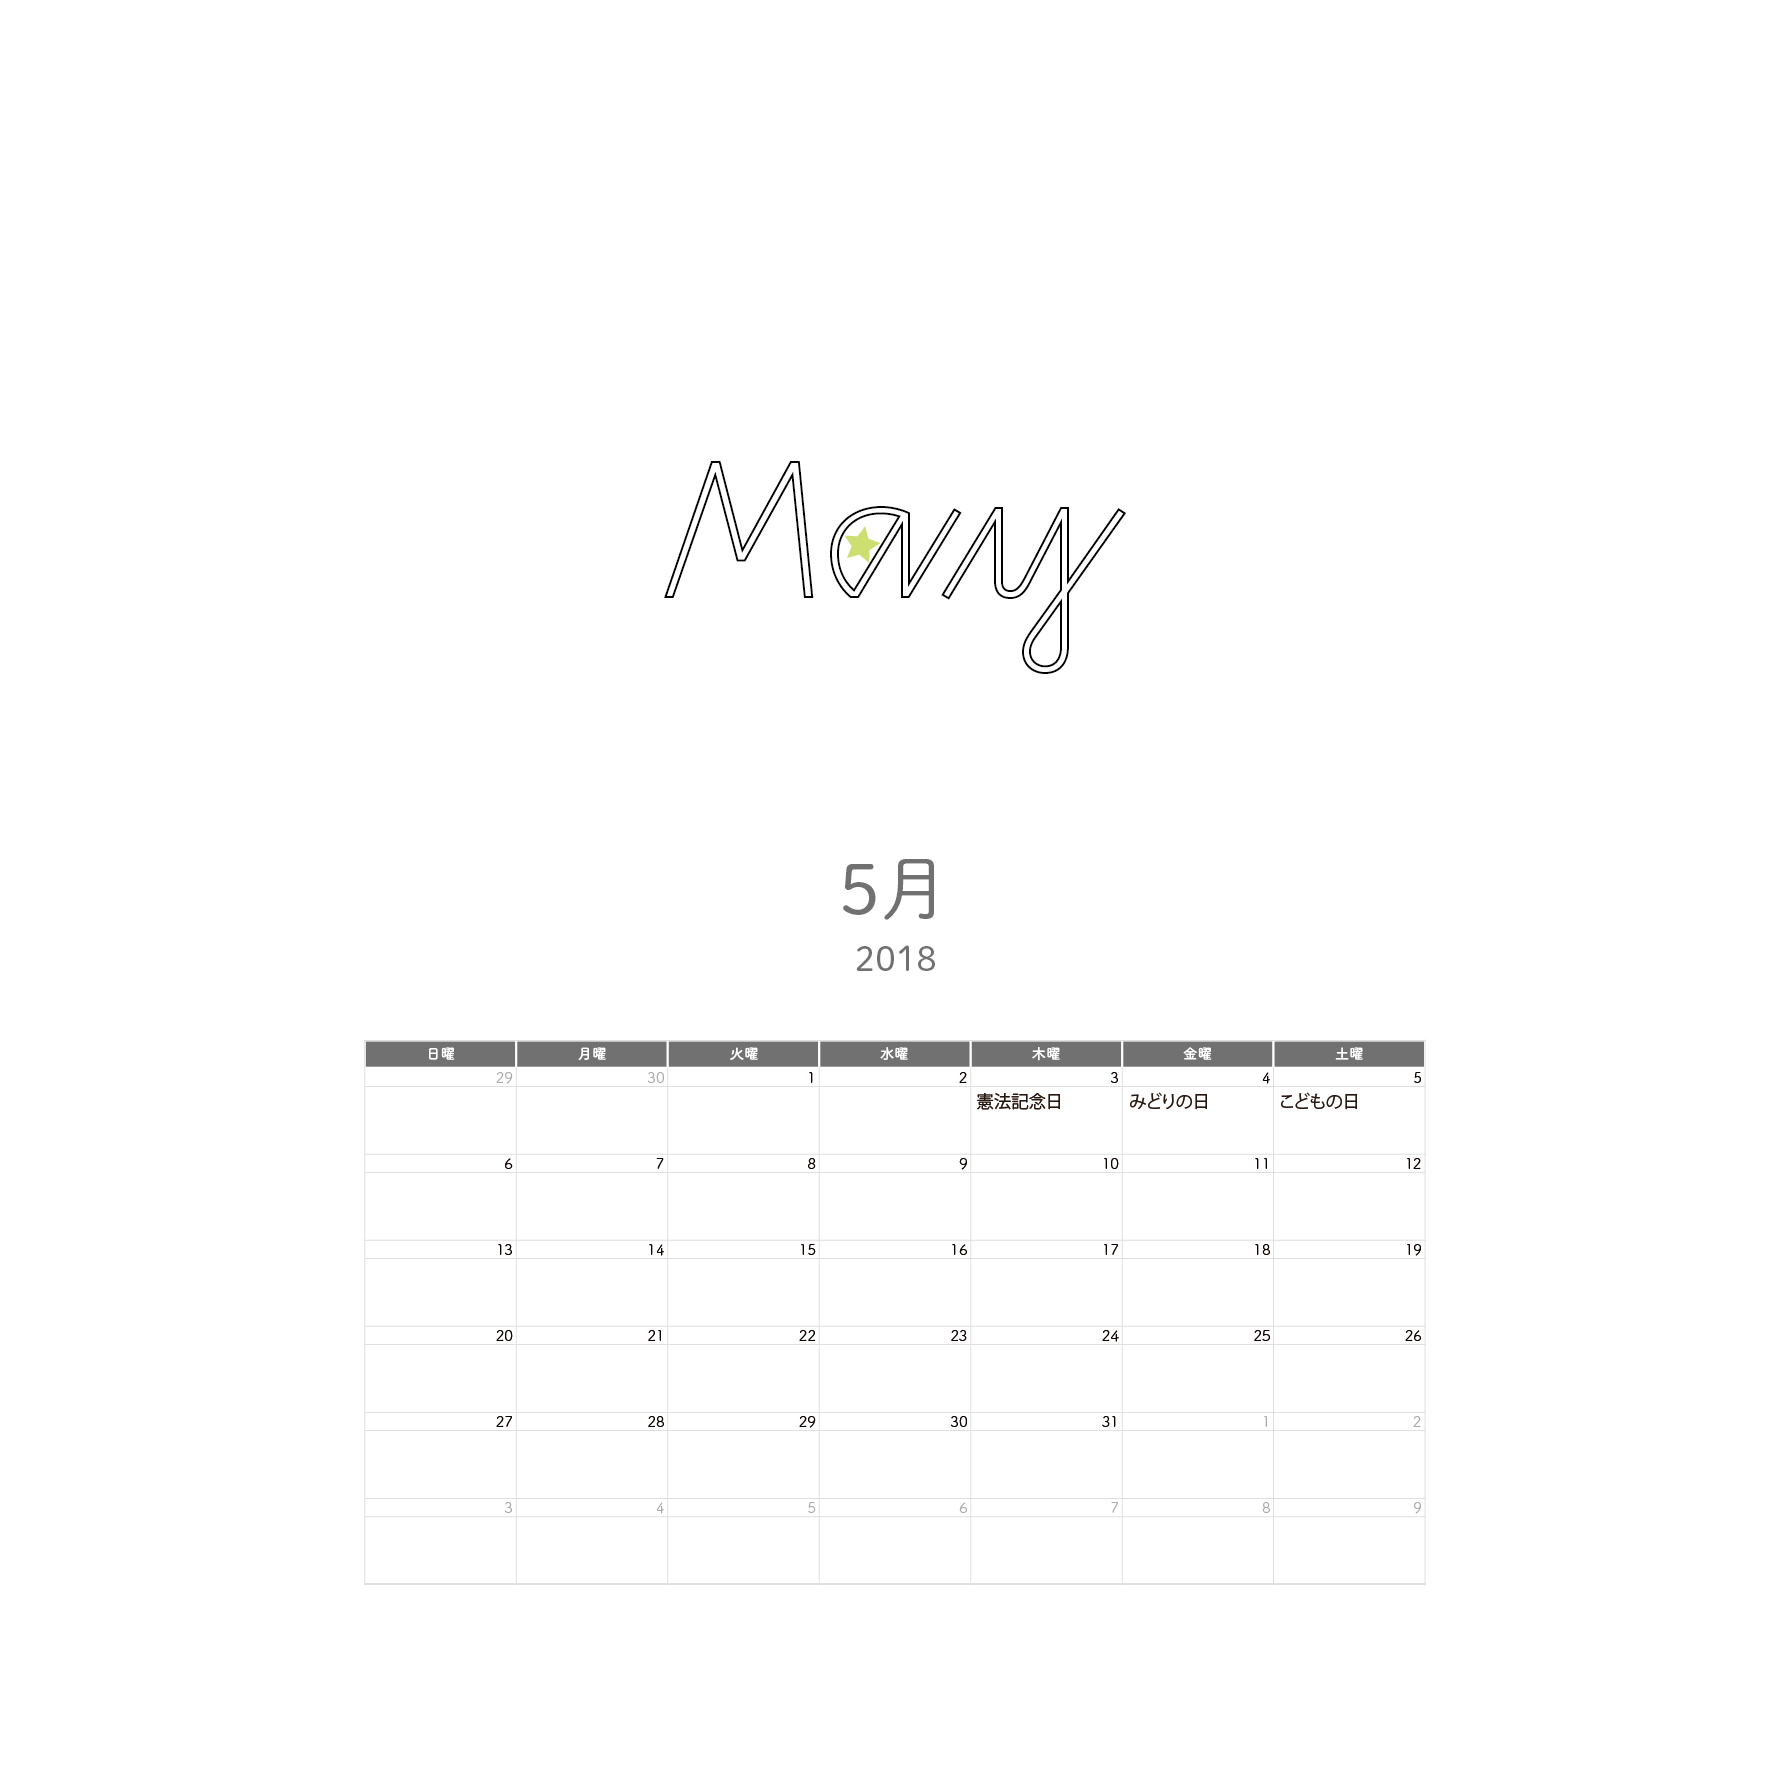 おしゃれ カレンダー 18 5月のフリー素材 イラスト 商用フリー 無料 のイラスト素材なら イラストマンション